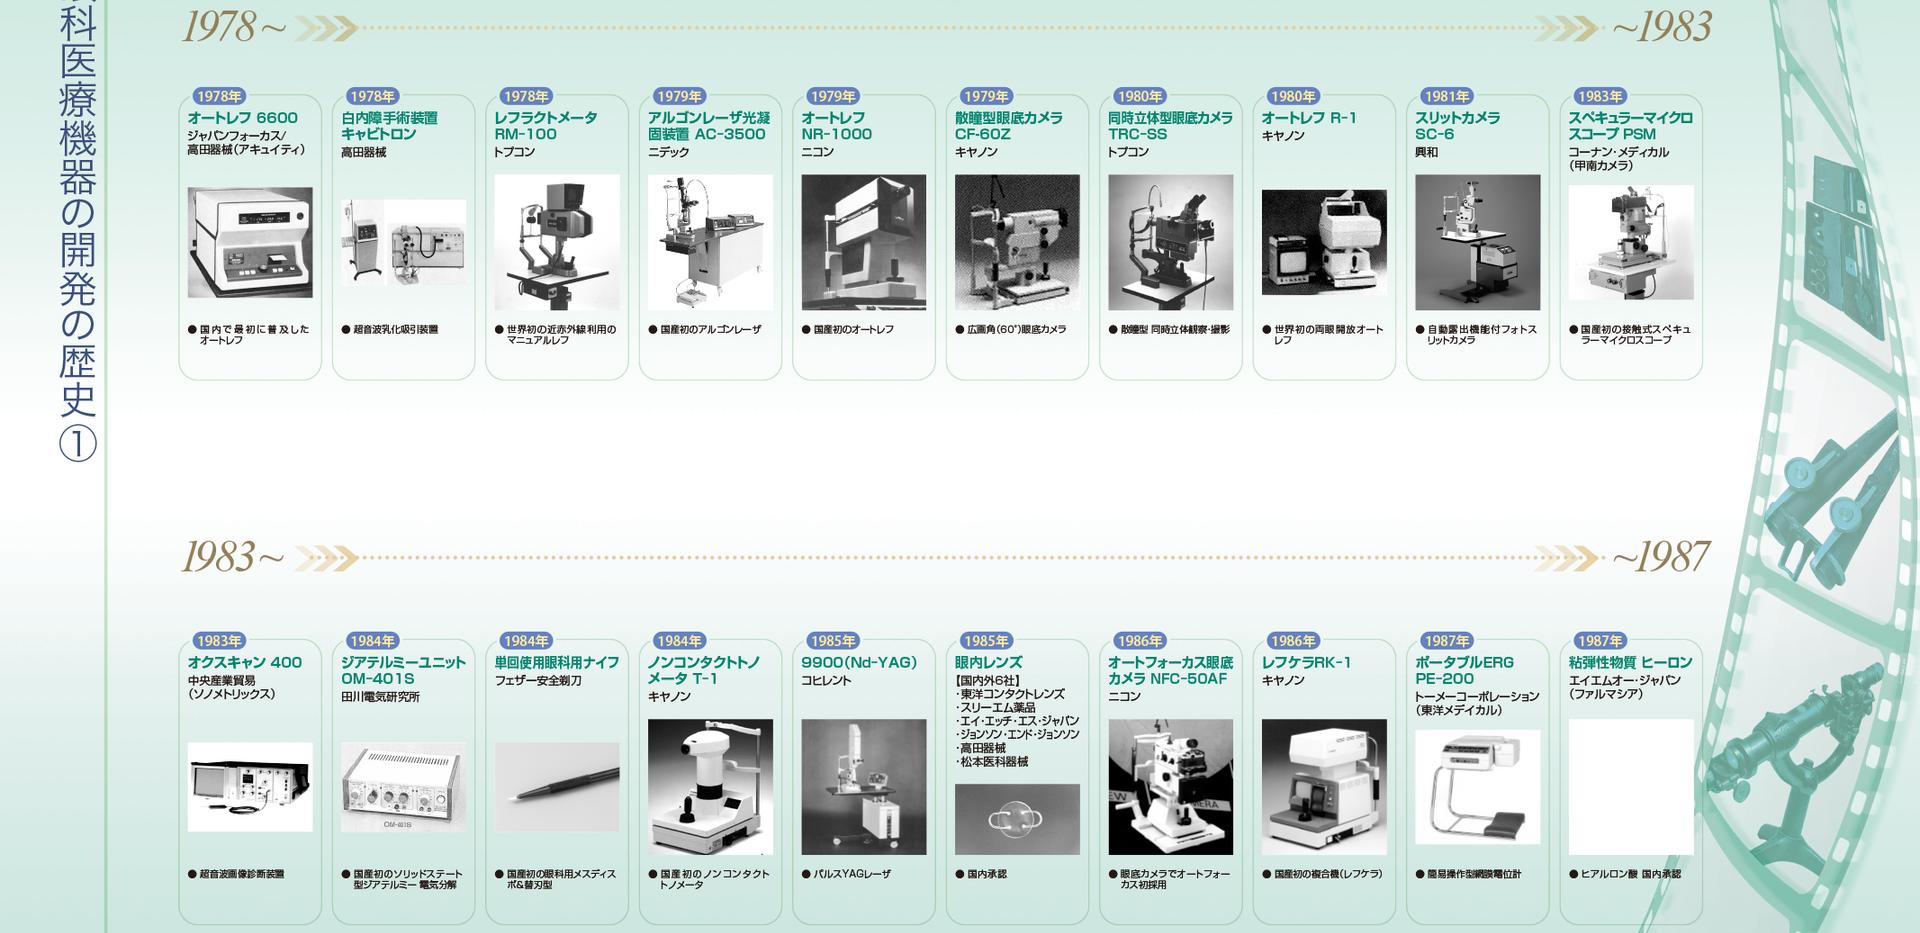 眼科医療機器の開発の歴史2.png